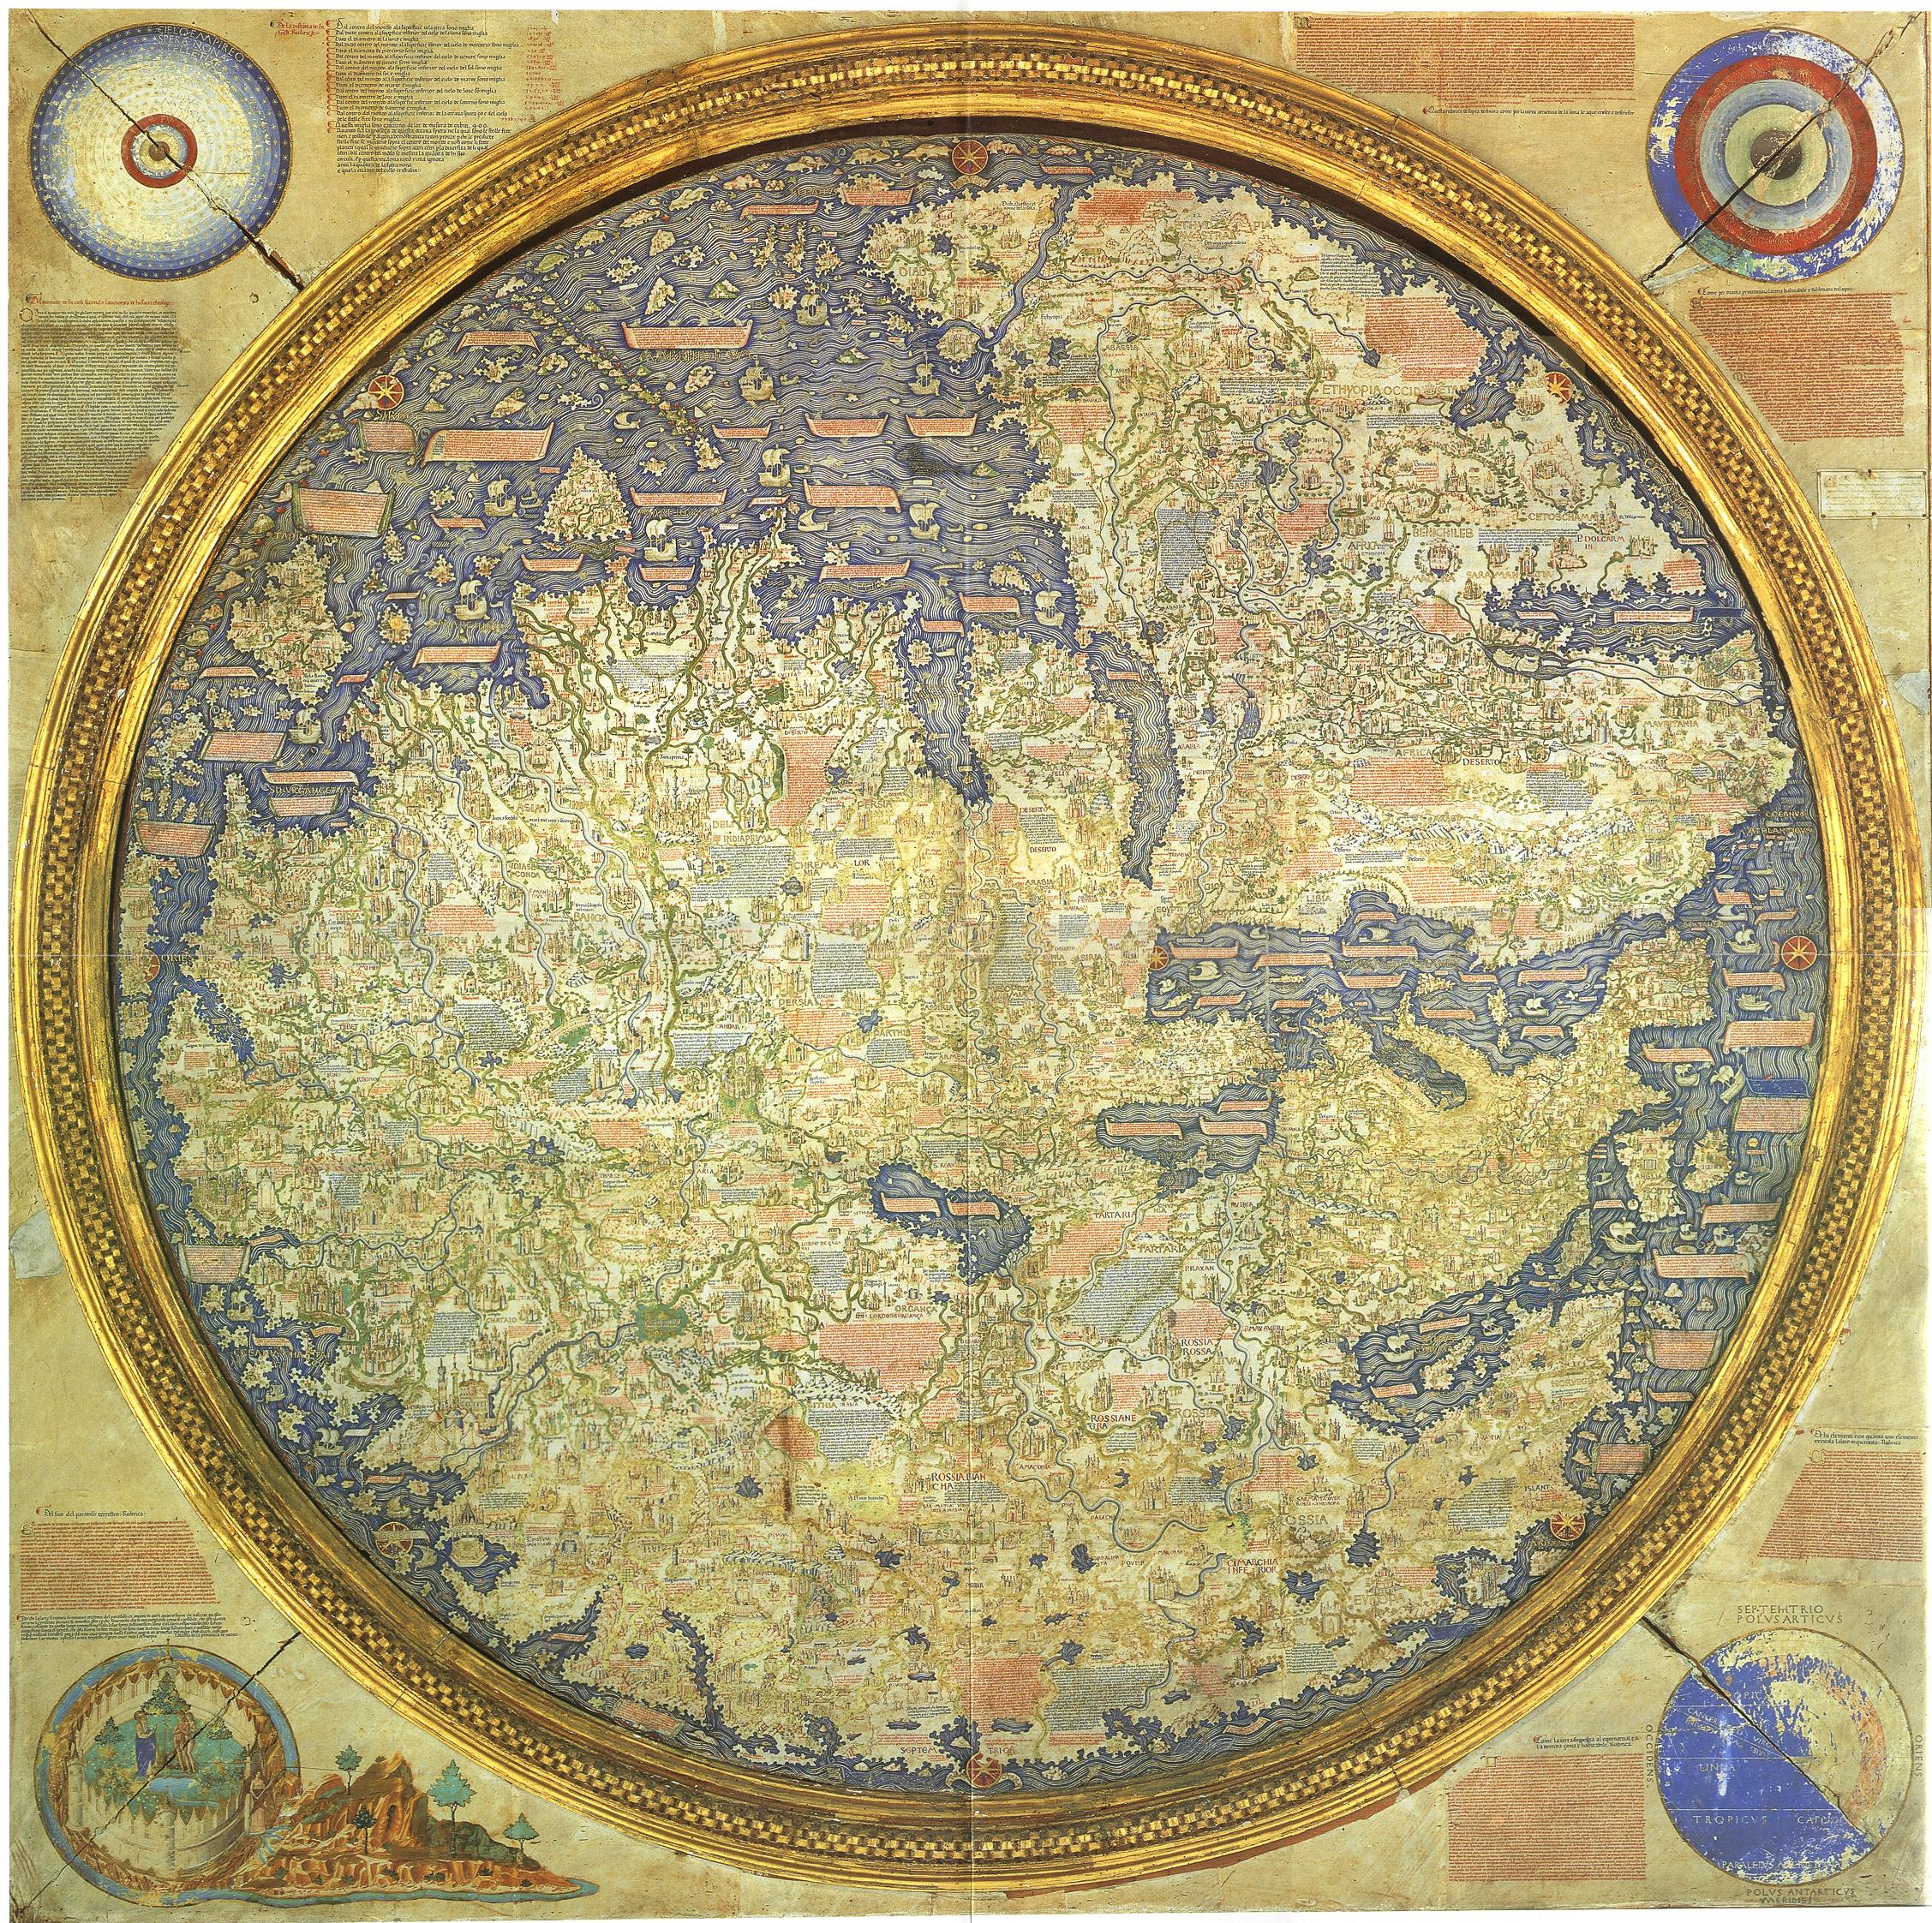 Carte De Fra Mauro — Wikipédia intérieur Carte De Fra